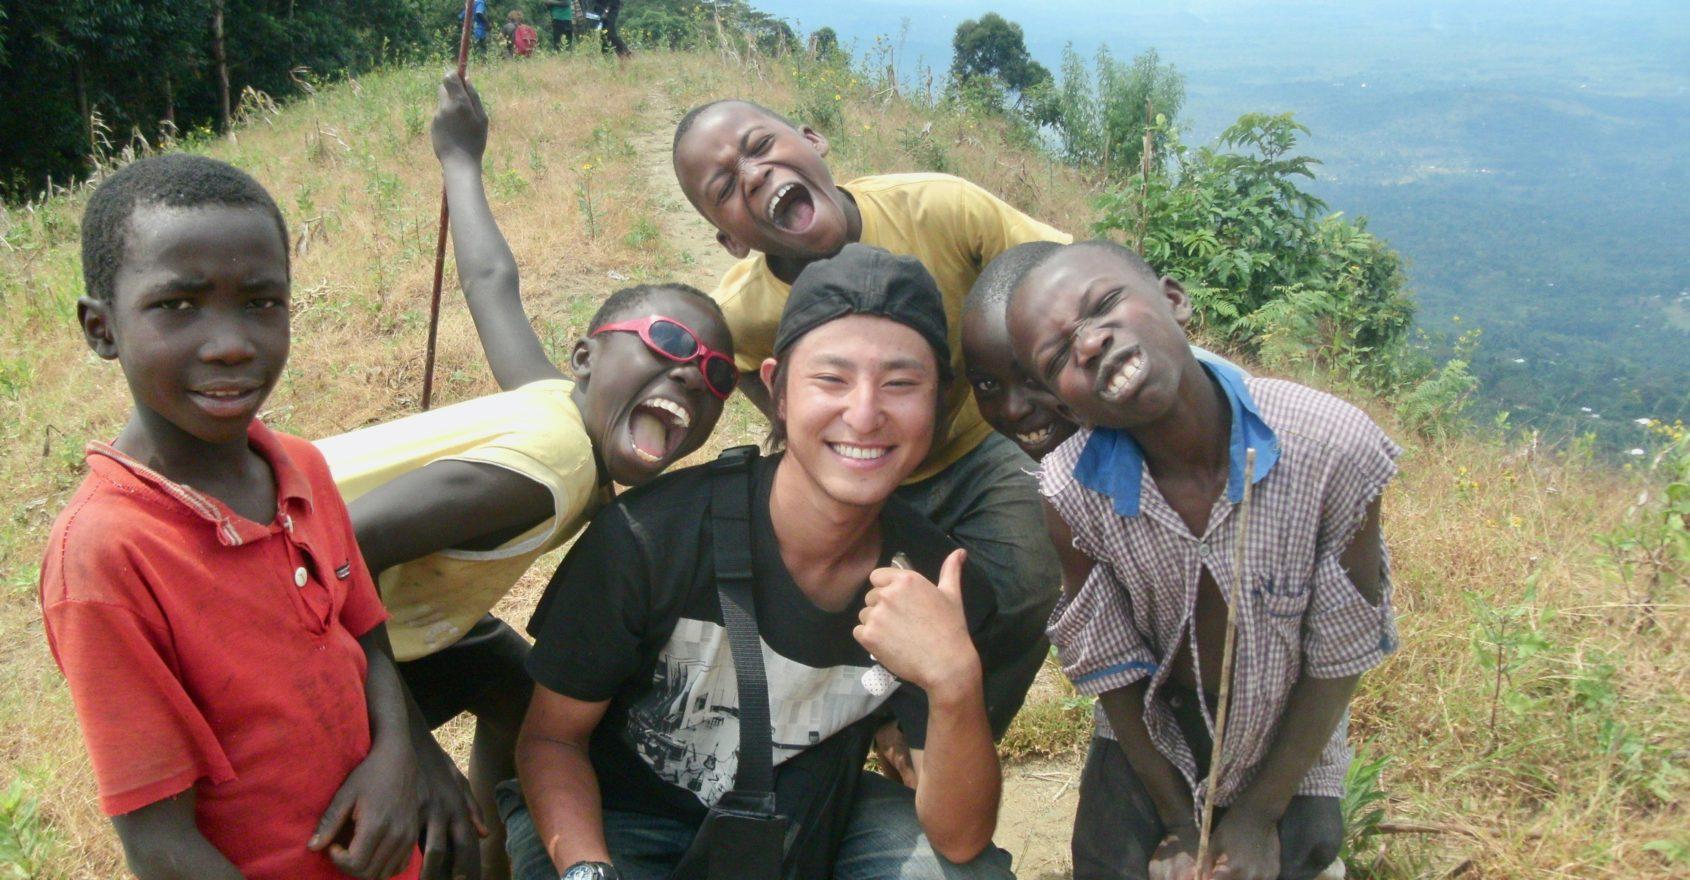 国際ボランティア<br>インターシップ<br>in Africa